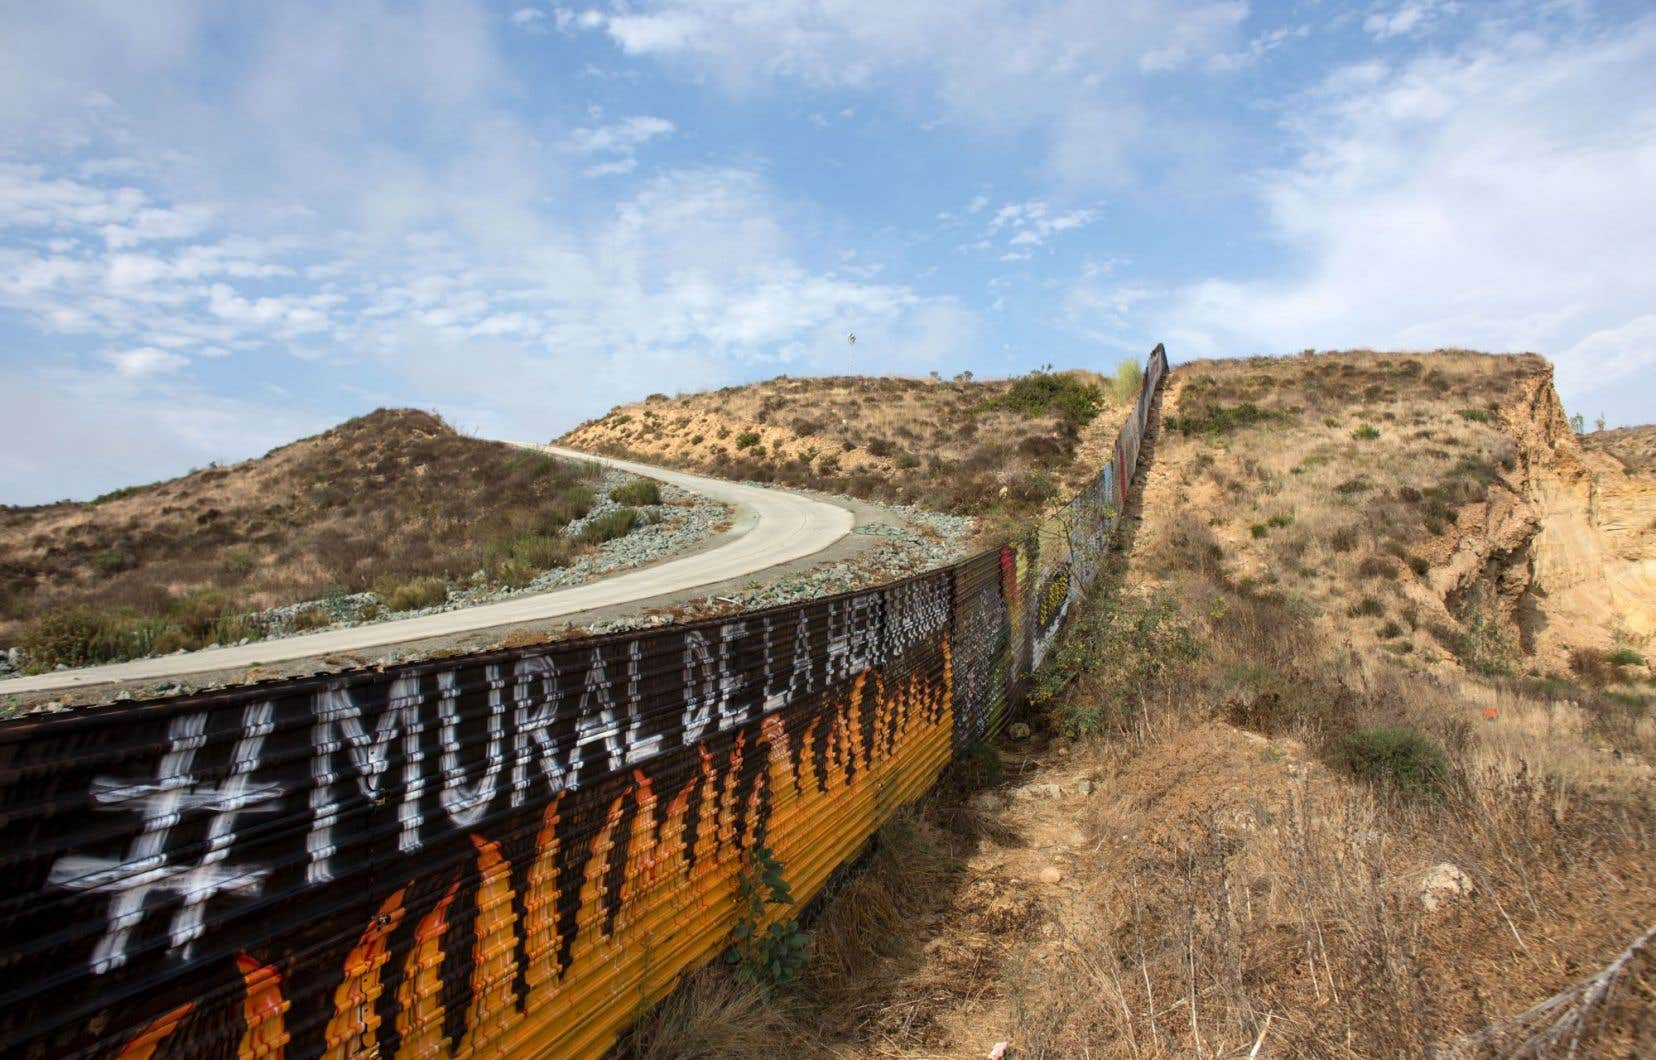 Une portion du mur frontalier actuel, près de la ville mexicaine de Tijuana, a été peinte par l'organisation Brotherhood Mural.